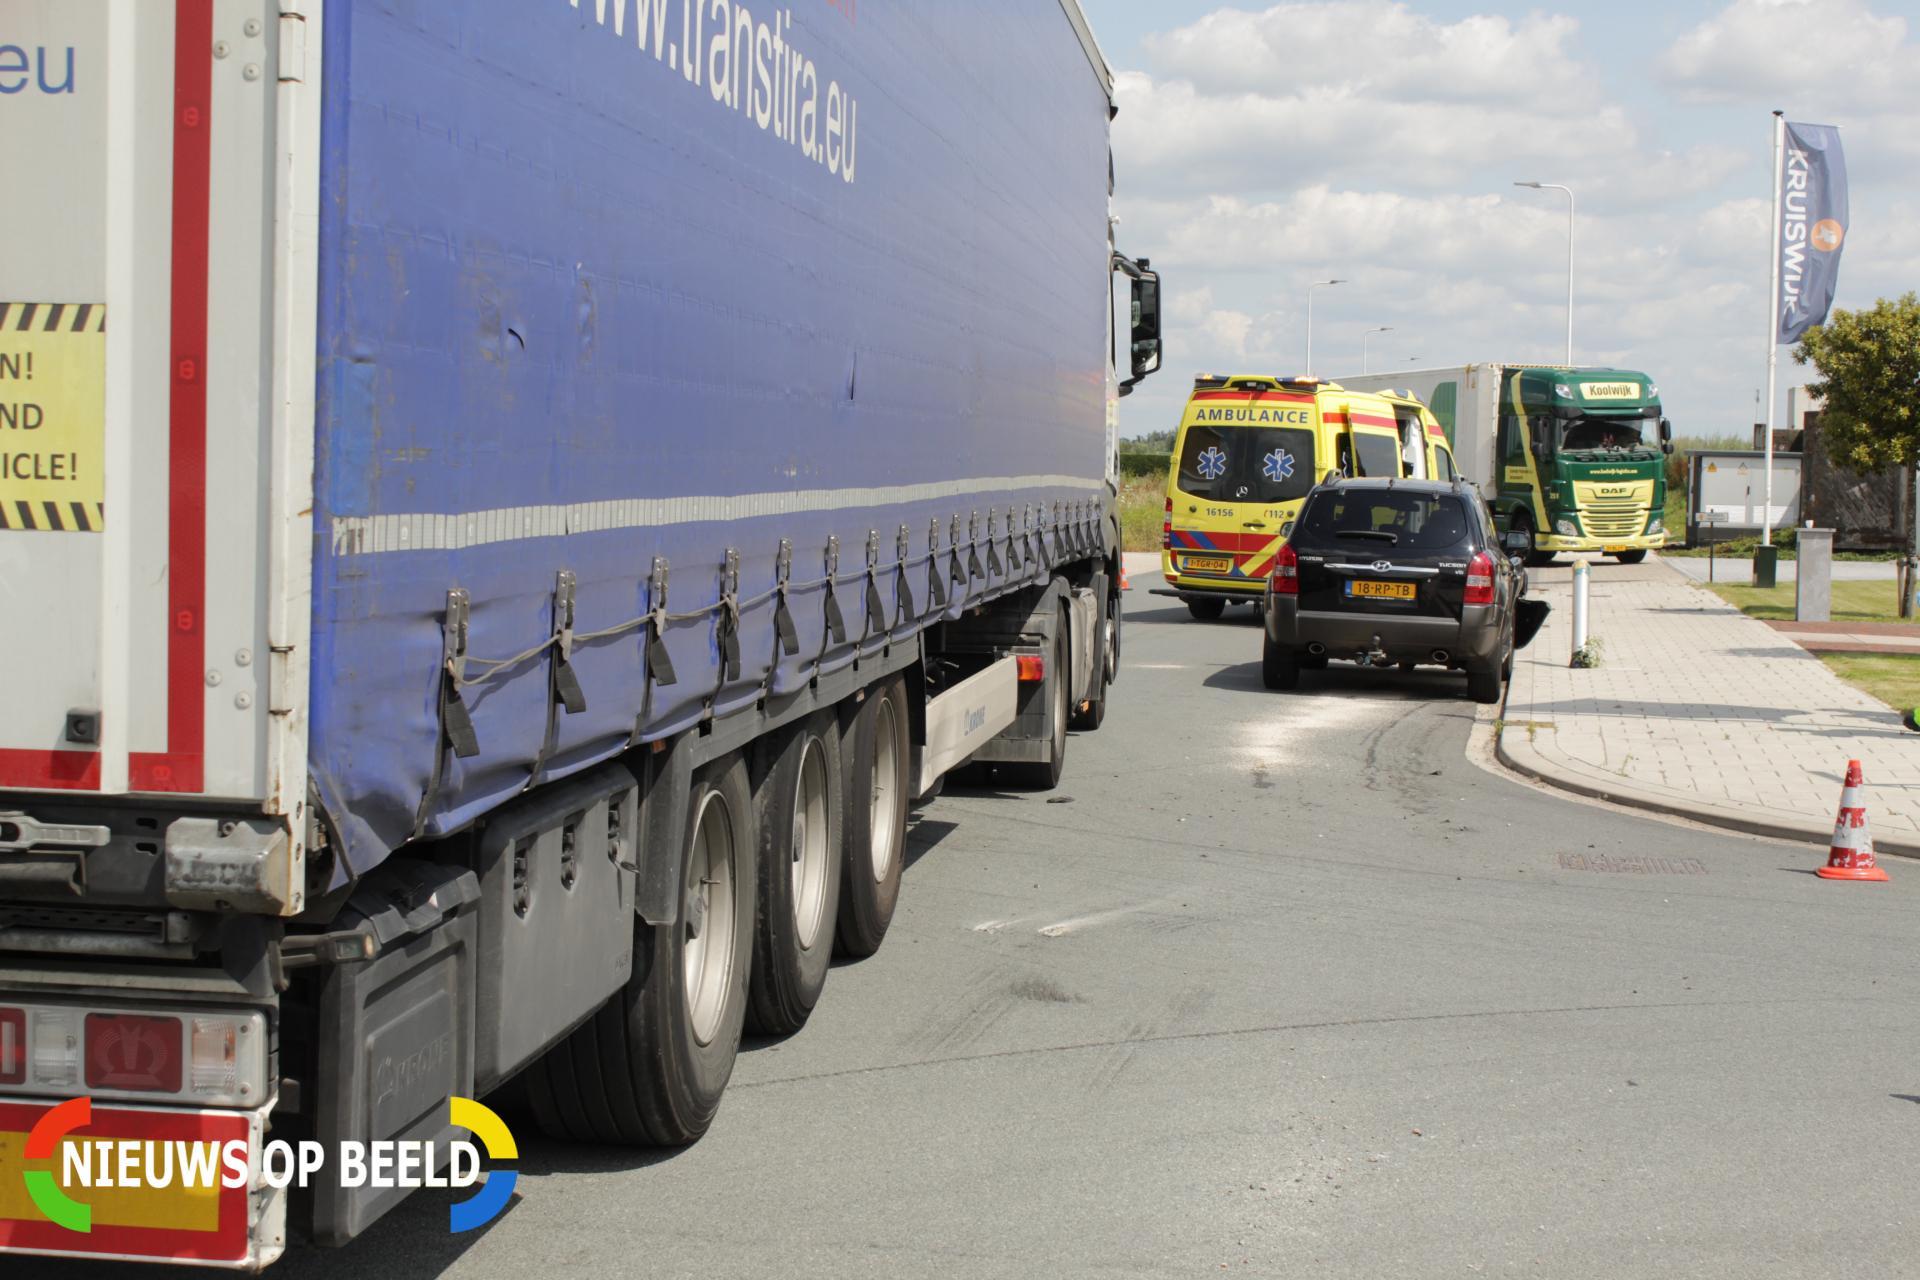 Twee inzittenden gewond na aanrijding met vrachtwagen Steenfabriekweg Bergambacht